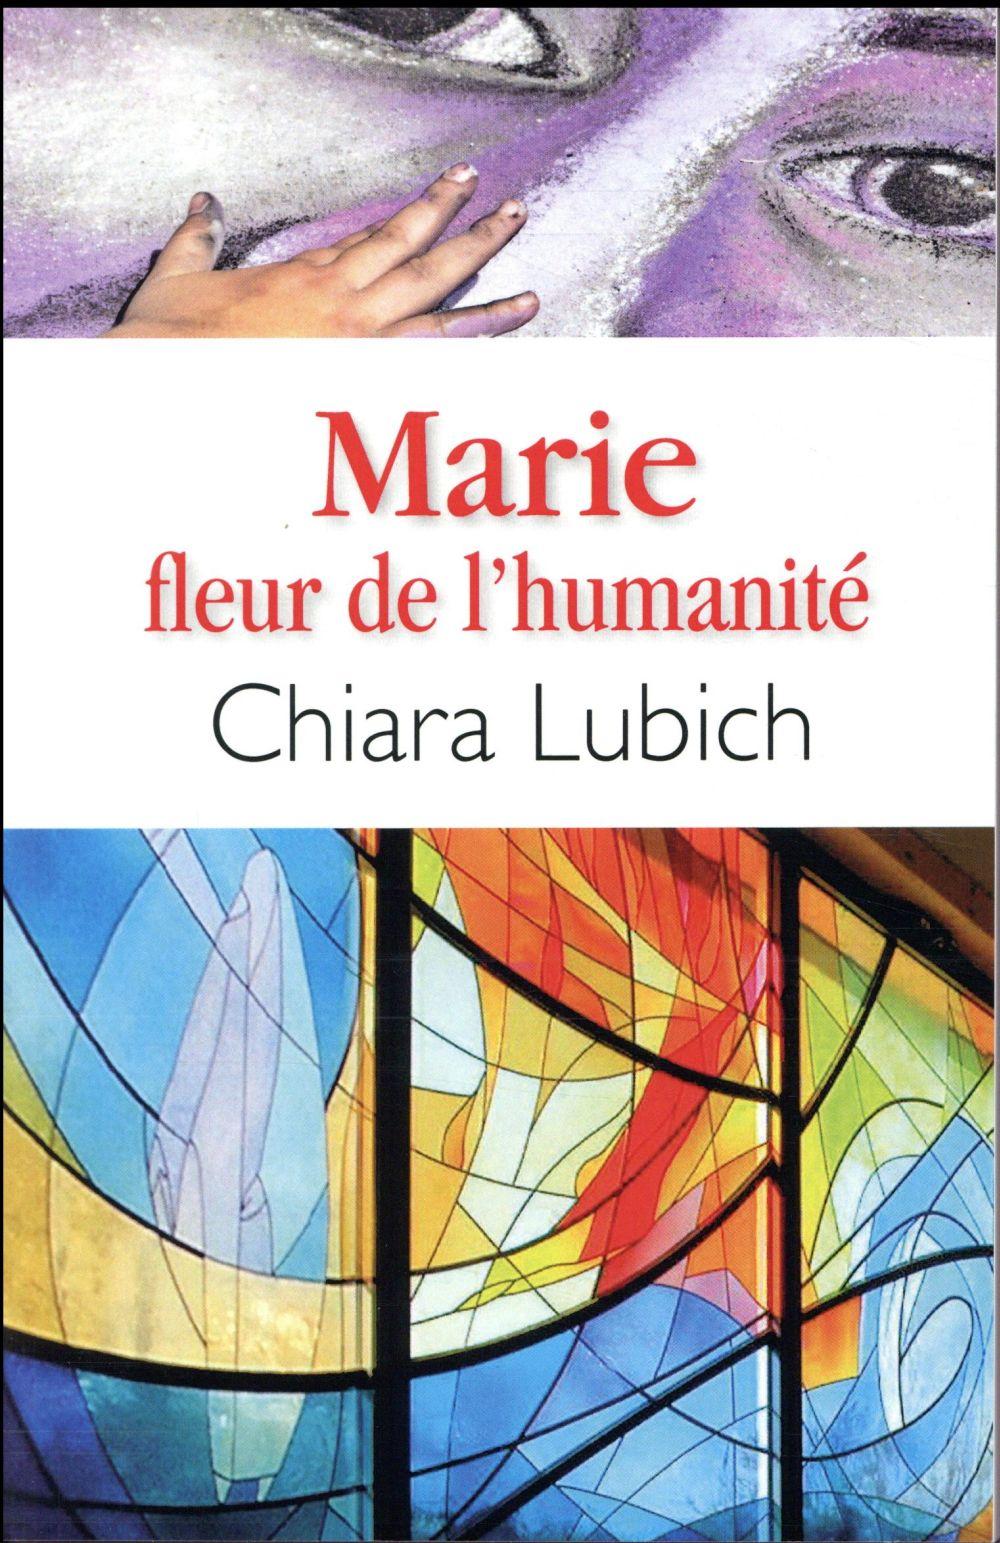 MARIE FLEUR DE L'HUMANITE